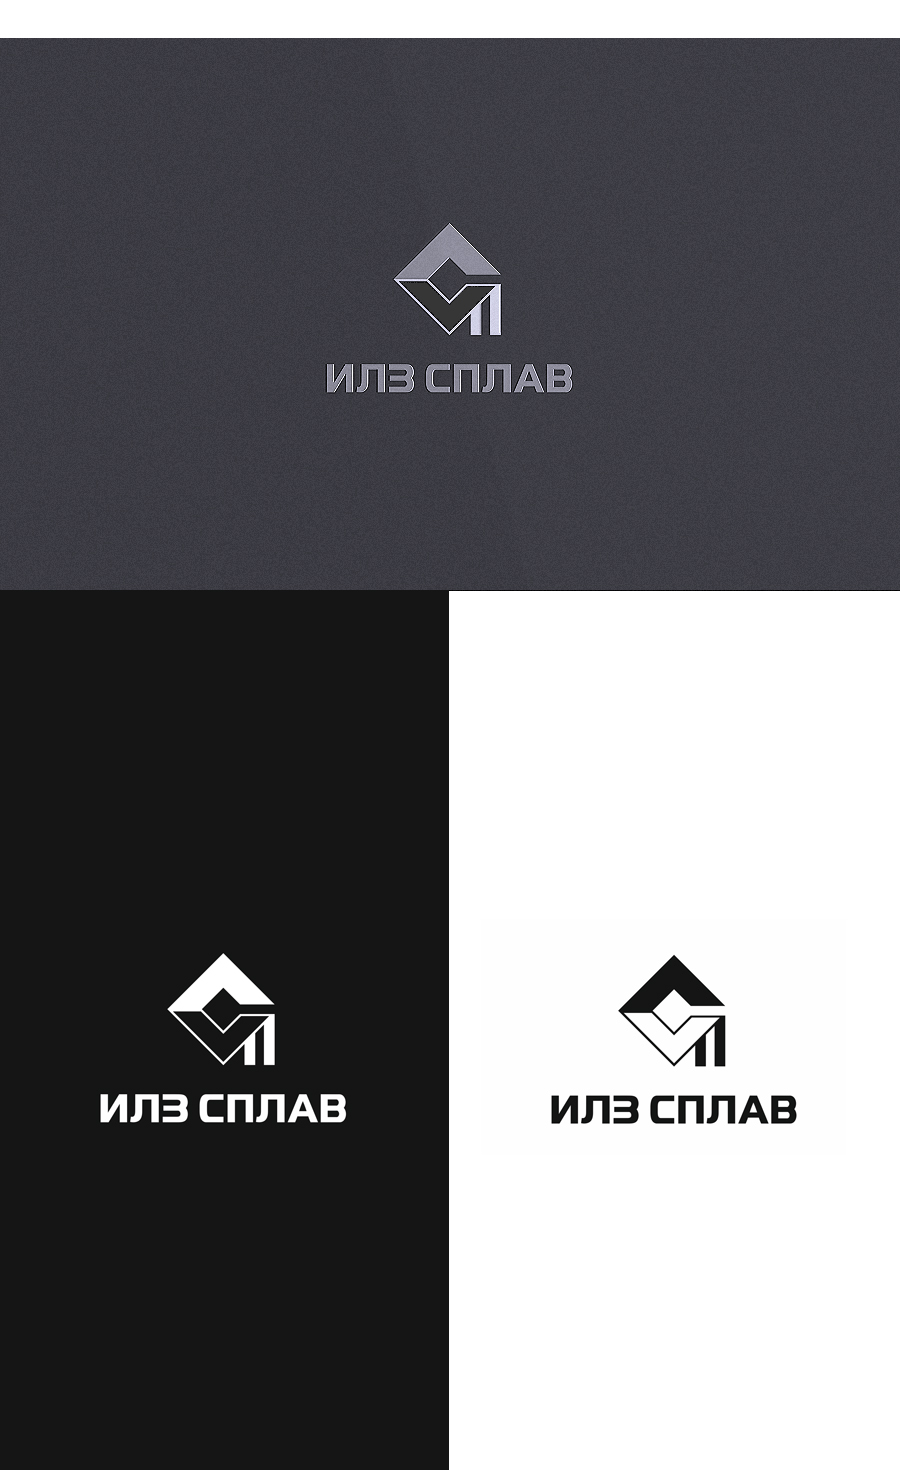 Разработать логотип для литейного завода фото f_6165afaefa385919.jpg